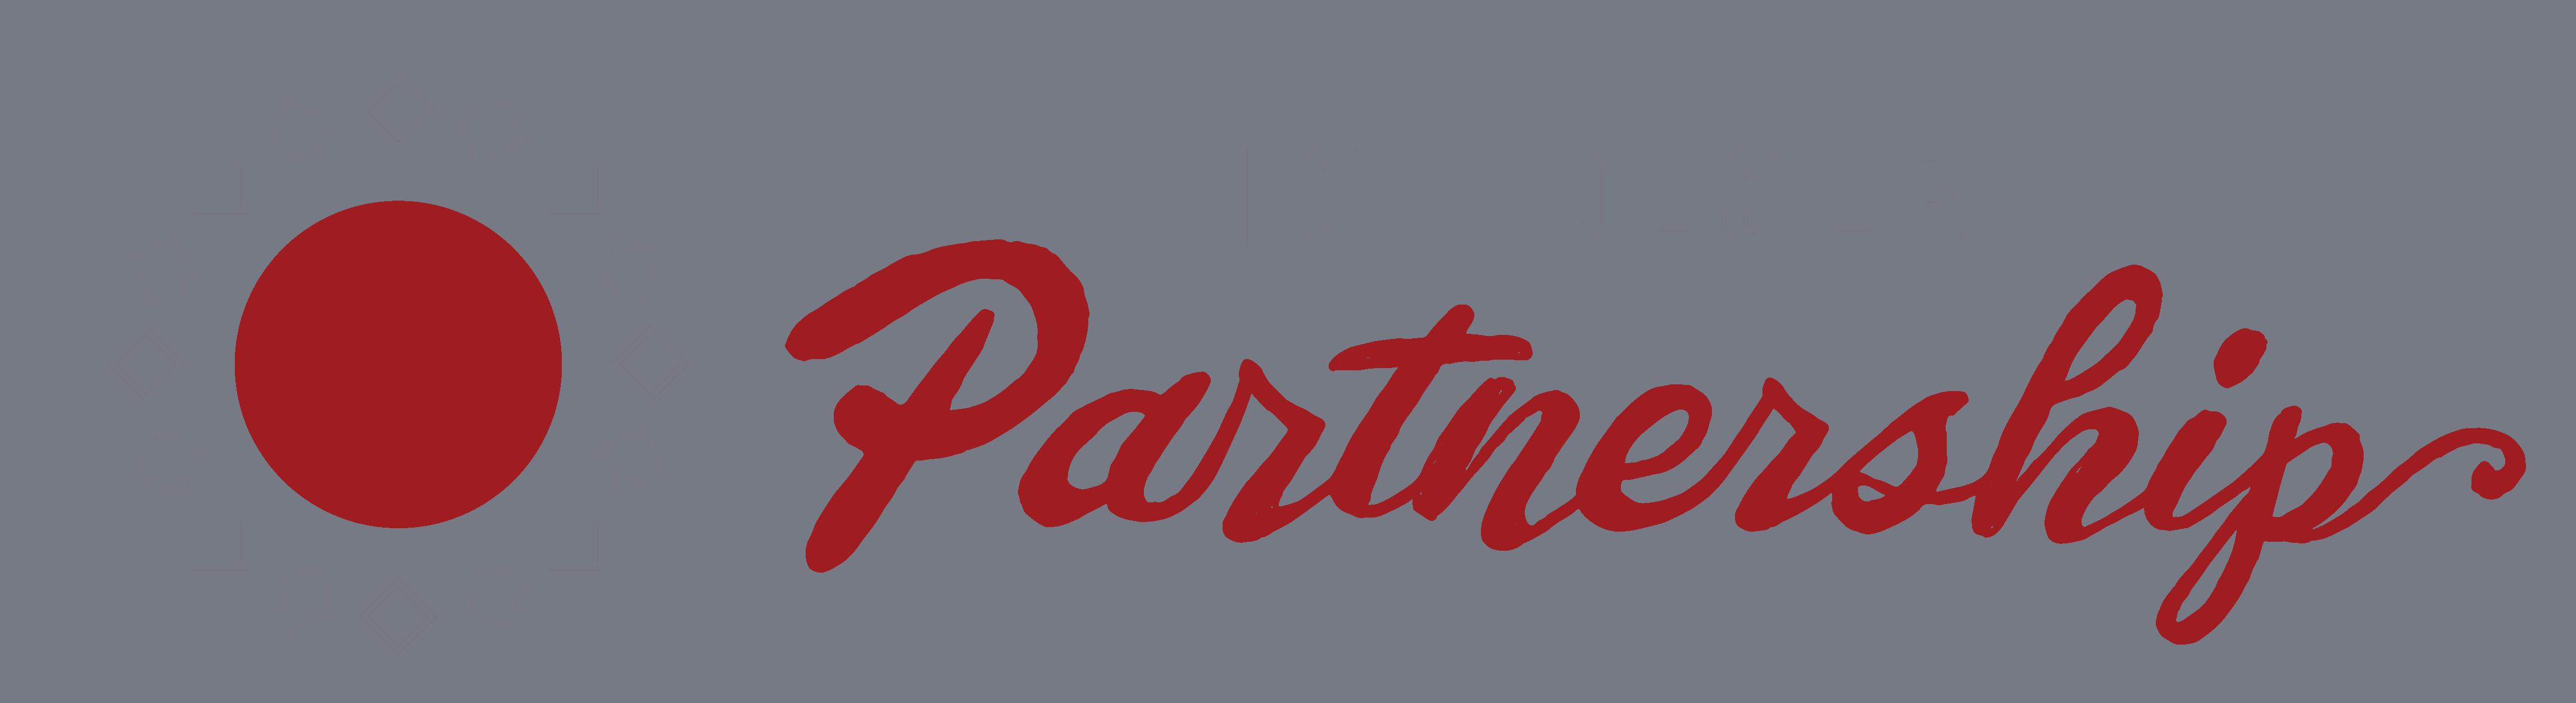 High Desert Partnership Logo